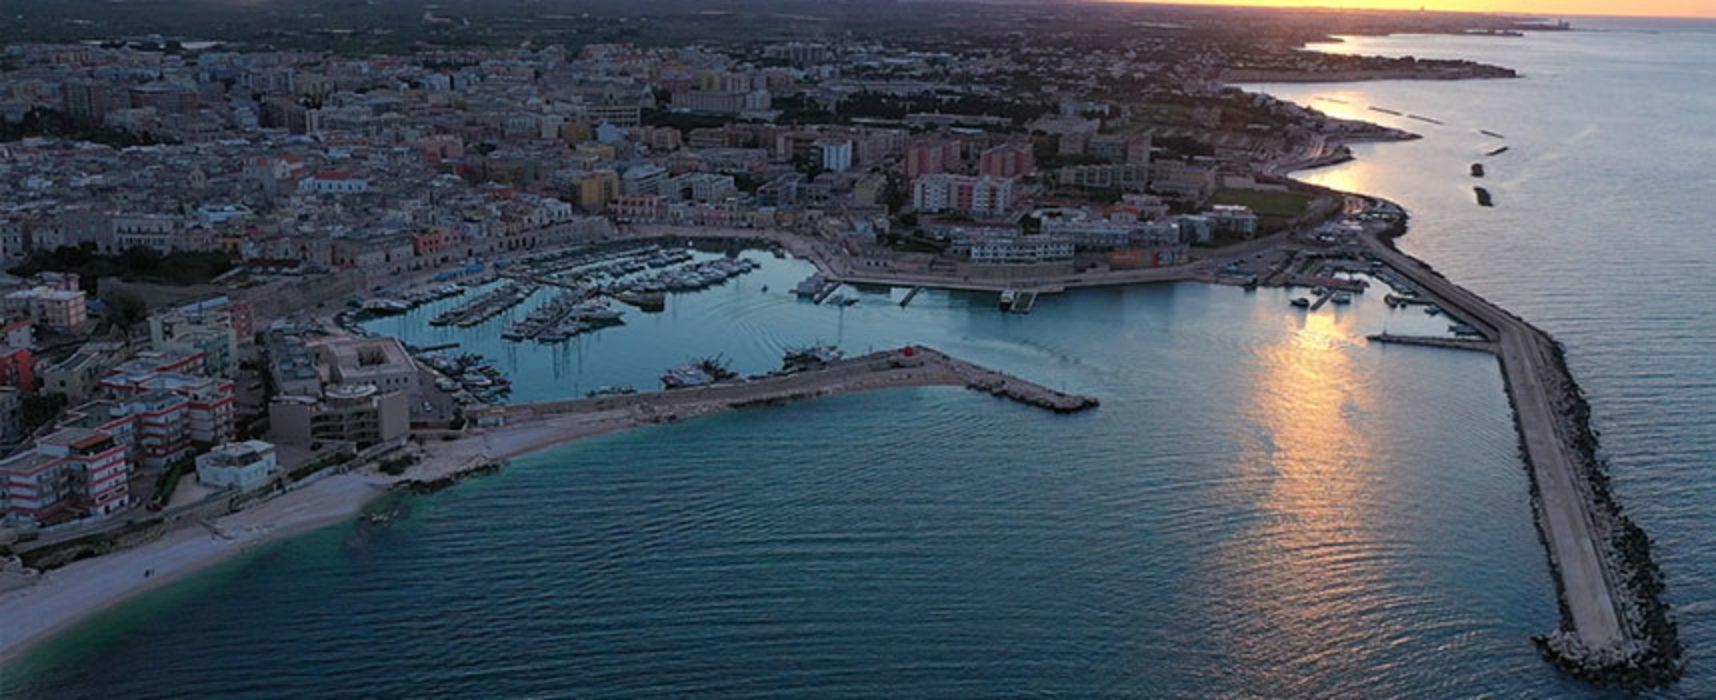 """Puglia prima per qualità acque di balneazione, La Notte: """"Determinante per scelta turisti"""""""